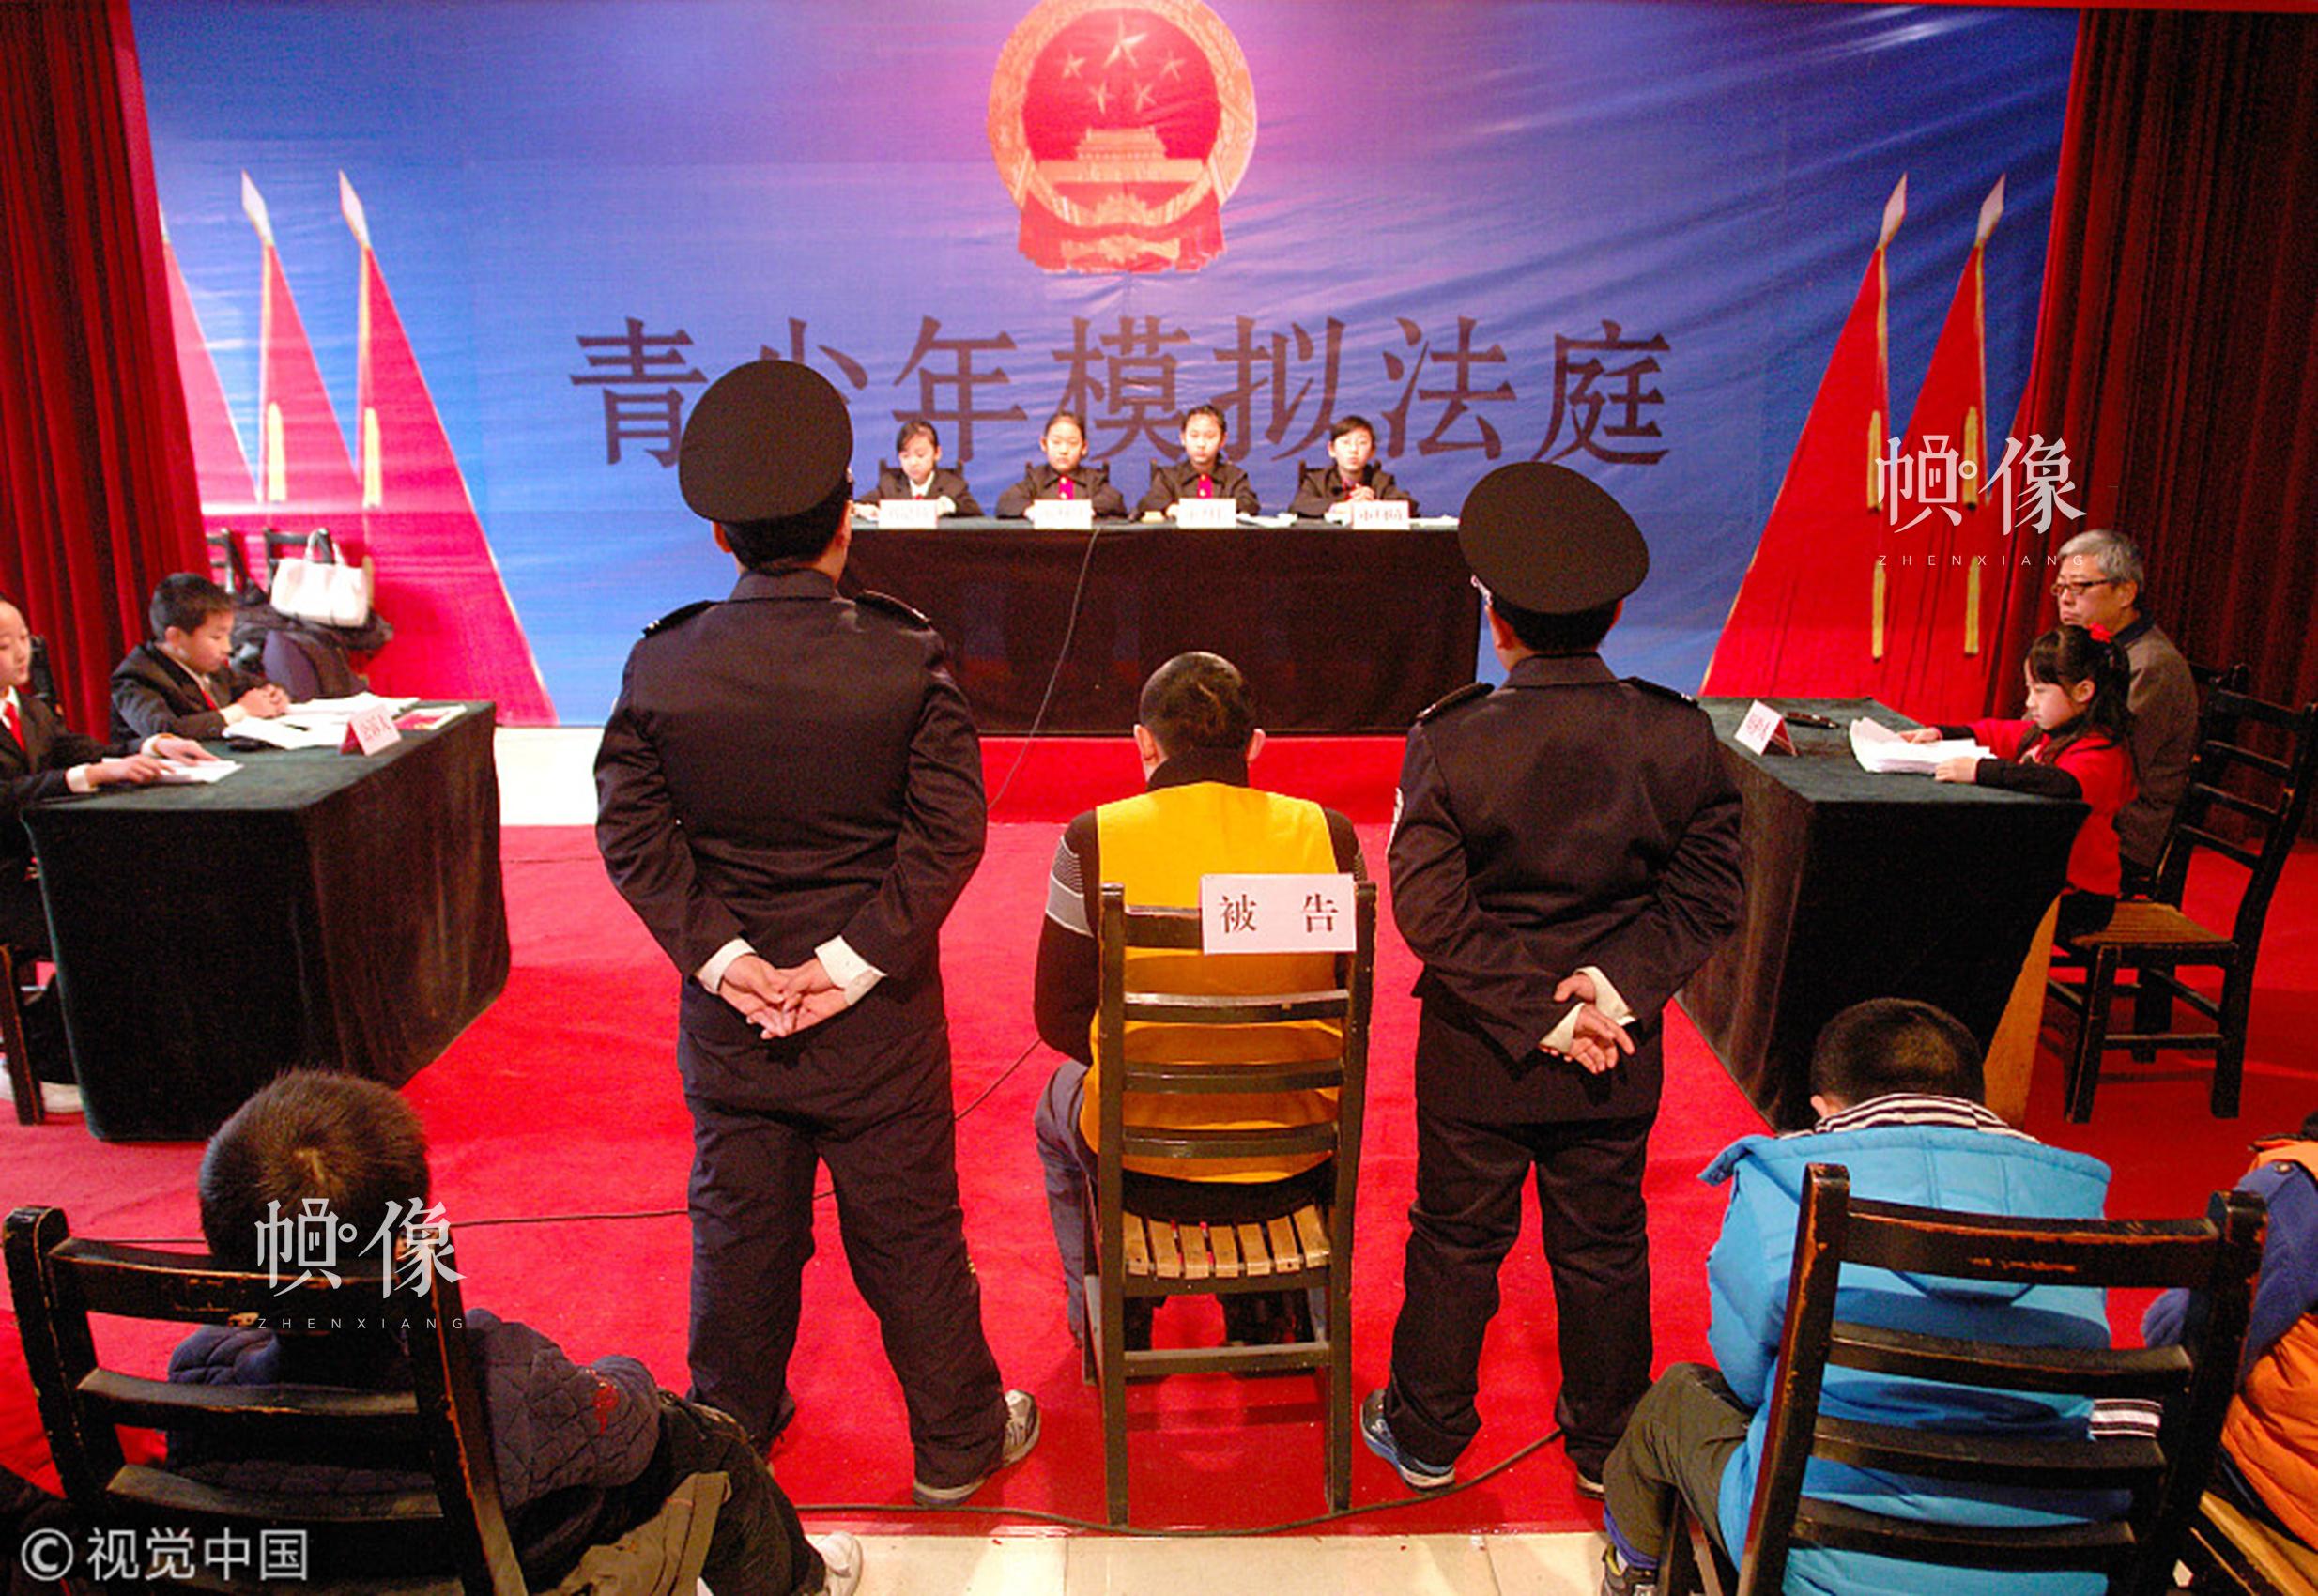 2010年1月3日,郑州市青少年宫主办的模拟法庭开庭,模拟法庭虚拟一个未成年人持刀抢劫学生的案例,进行法庭审判,法官、审判员、律师、当事人等全部由中小学生们扮演,观众也是一批小学生及家长。这项法律宣传的元旦公益活动旨在通过这种形式进行普法教育,让青少年朋友从小做一个知法守法的人。视觉中国